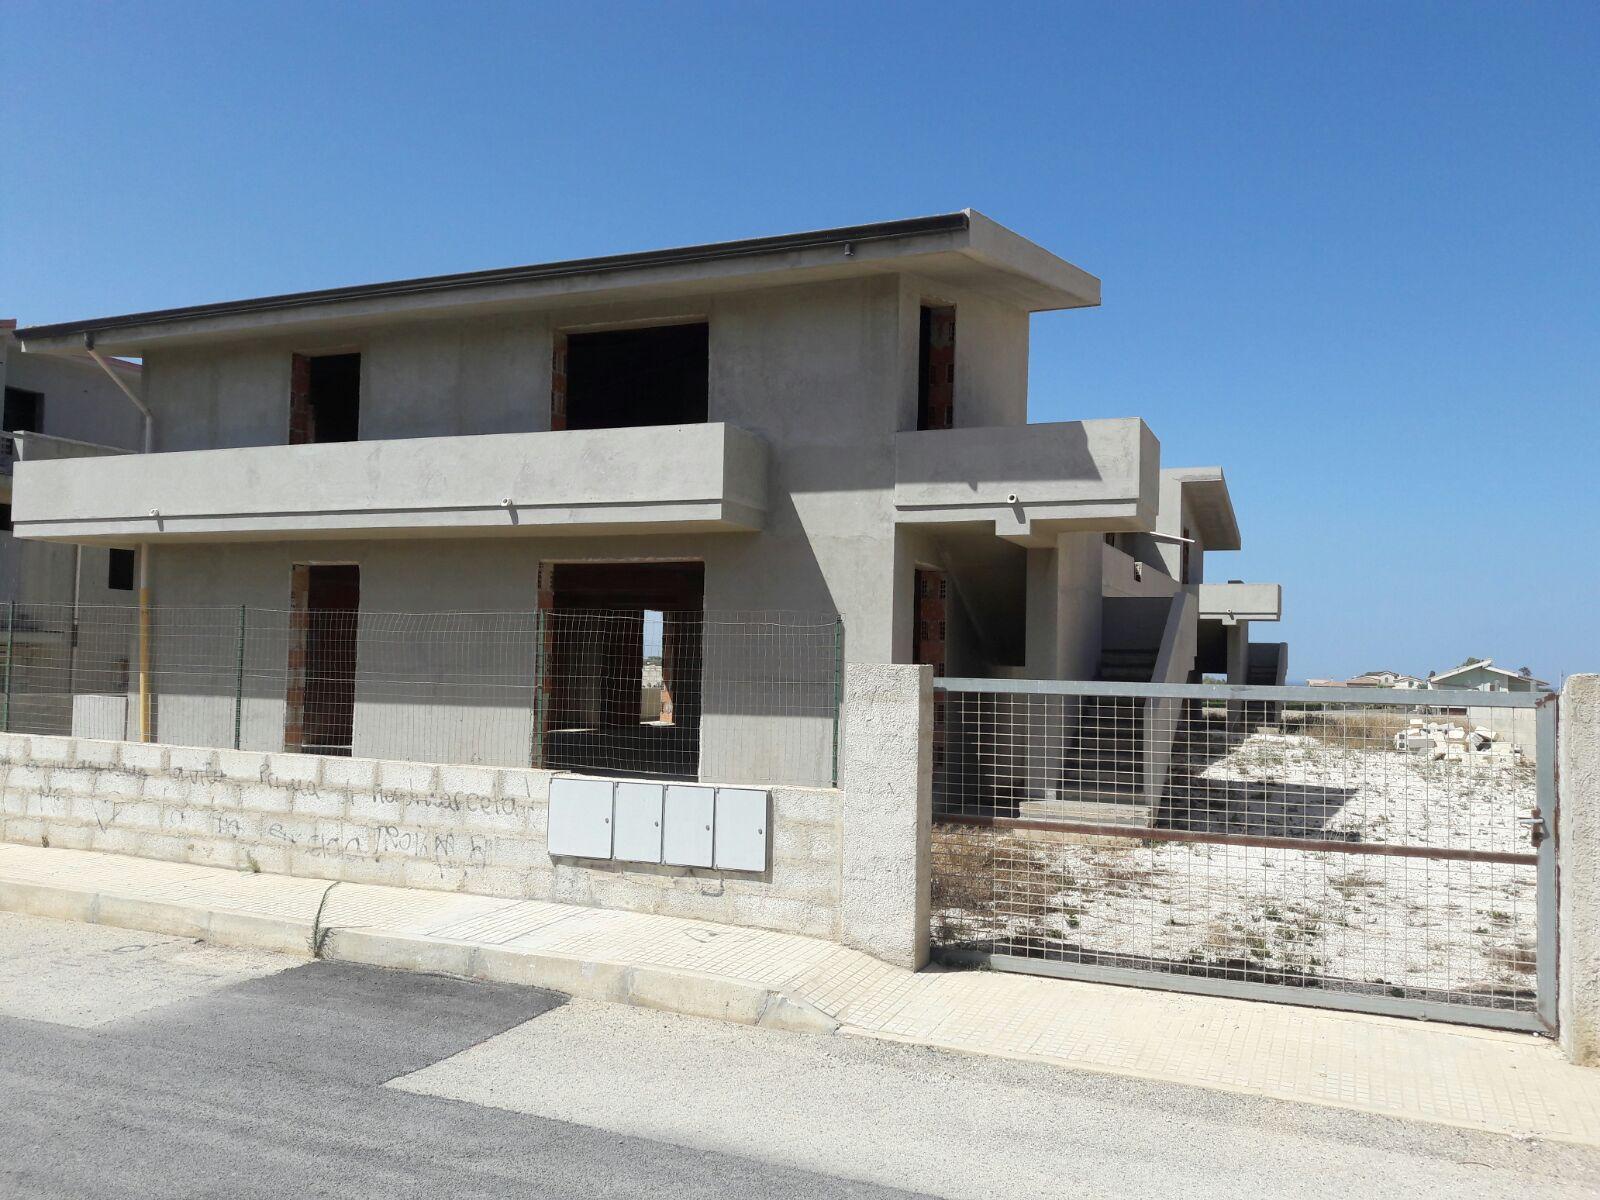 Casa con terreno A PACHINO